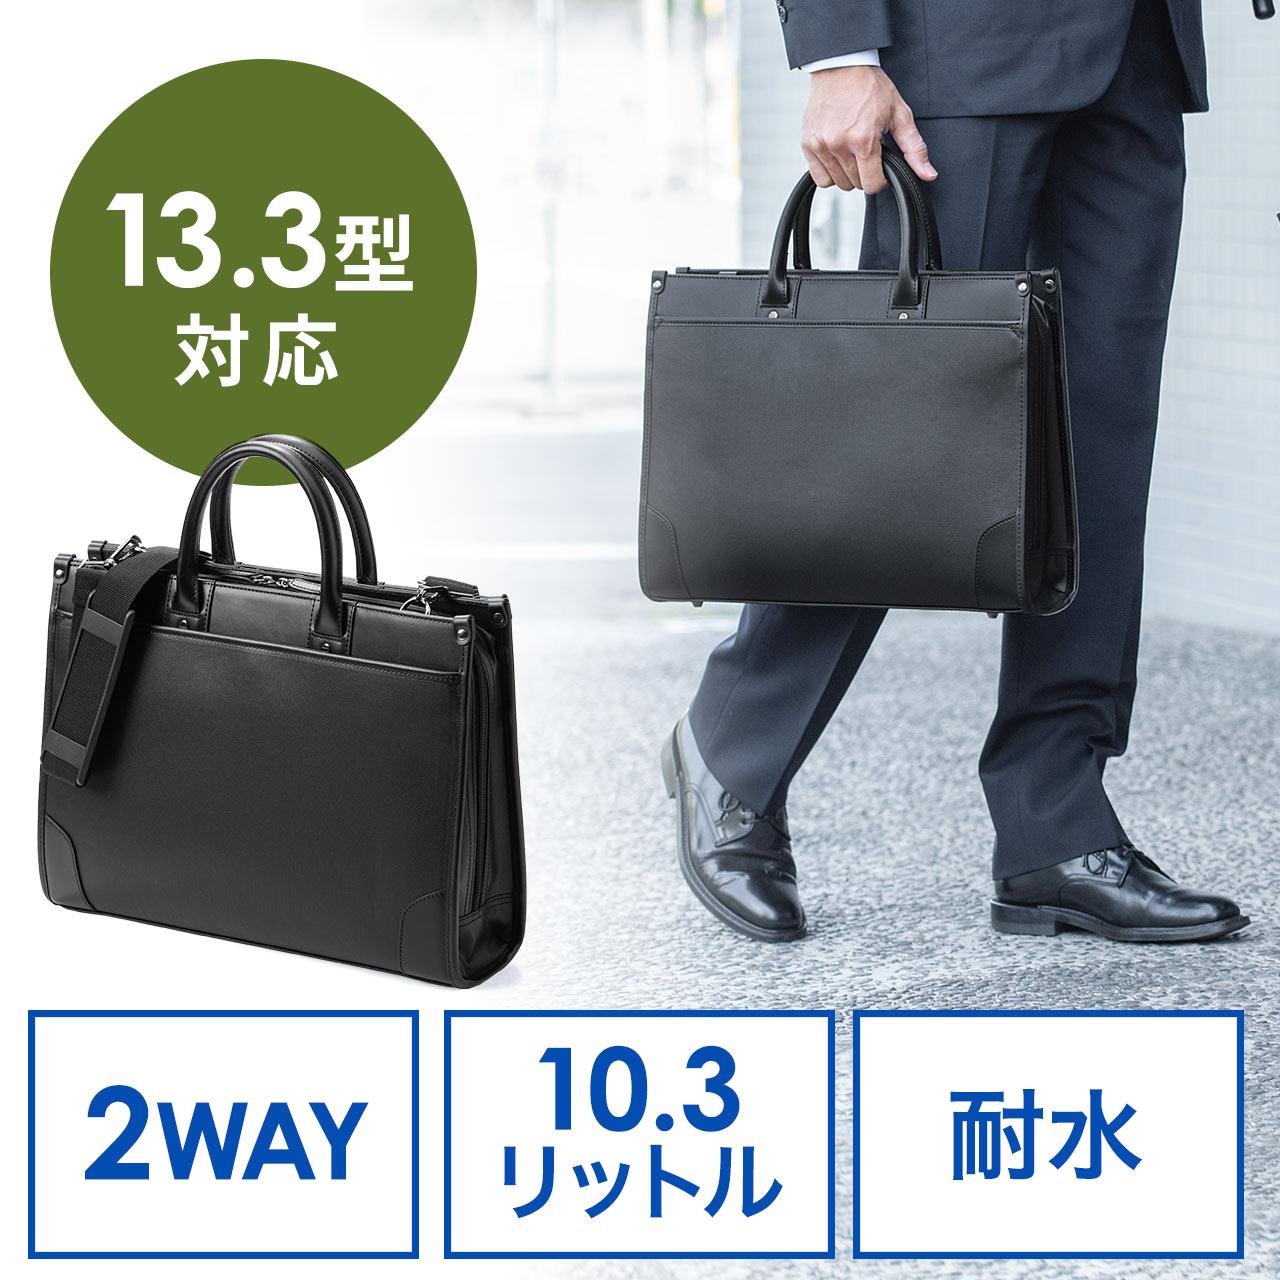 ビジネスバッグ(耐水加工・2WAY・ショルダーベルト付・A4対応) サンワダイレクト サンワサプライ 200-BAG110WP